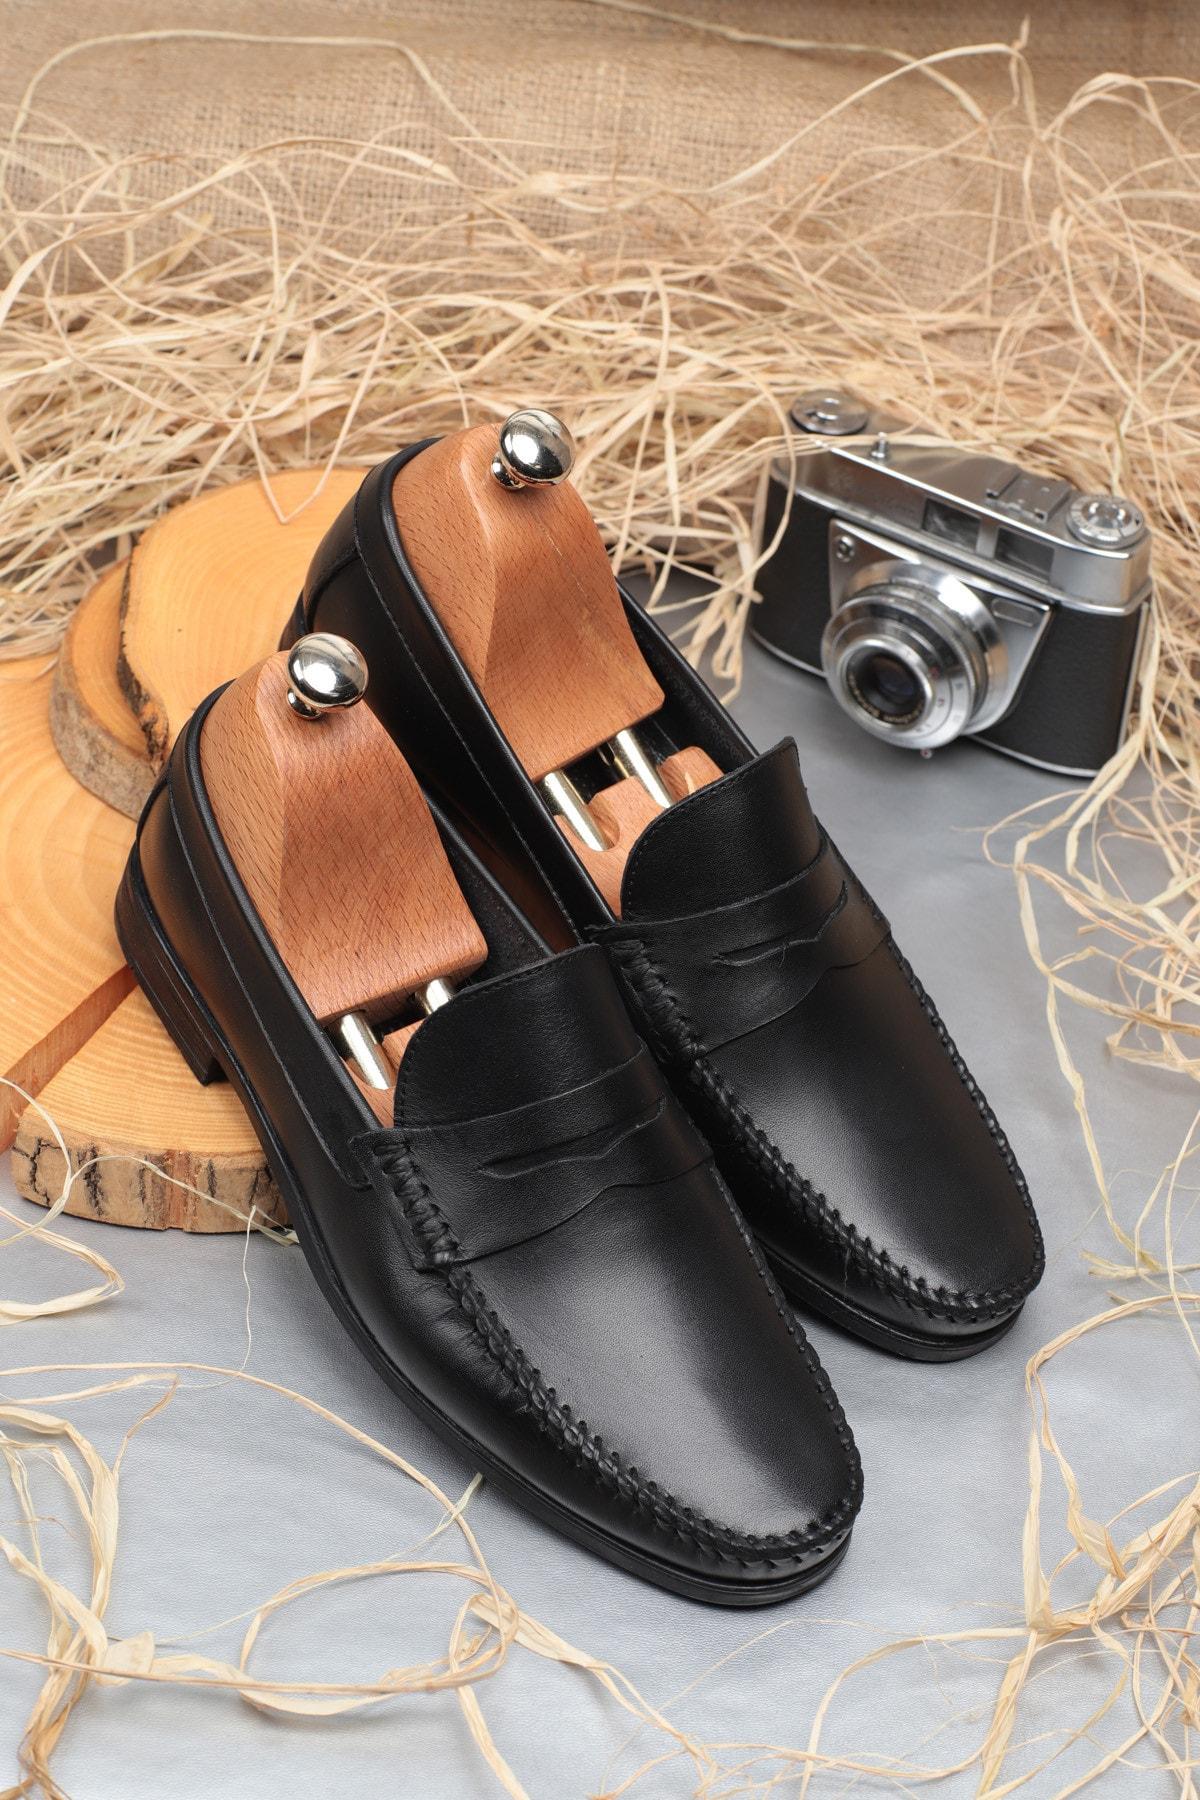 Daxtors D10180 Günlük Klasik Hakiki Deri Erkek Ayakkabı 1